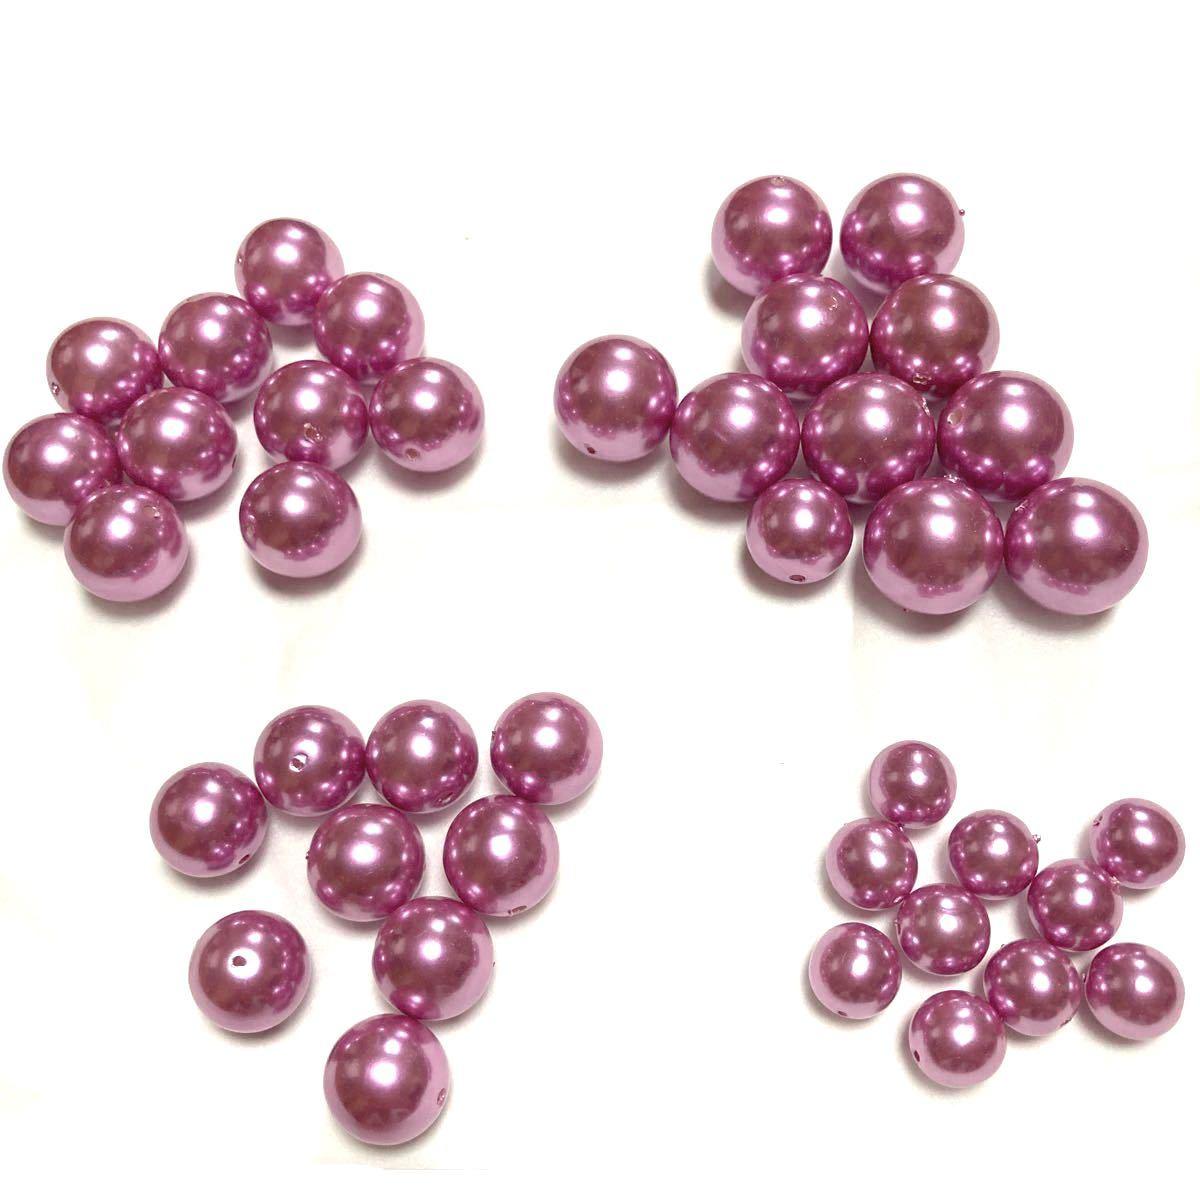 ハンドメイドパーツ(9)  40個セット   高級人工真珠 高品質 日本製 濃いめピンク オーロラ 両穴貫通 サイズミックス